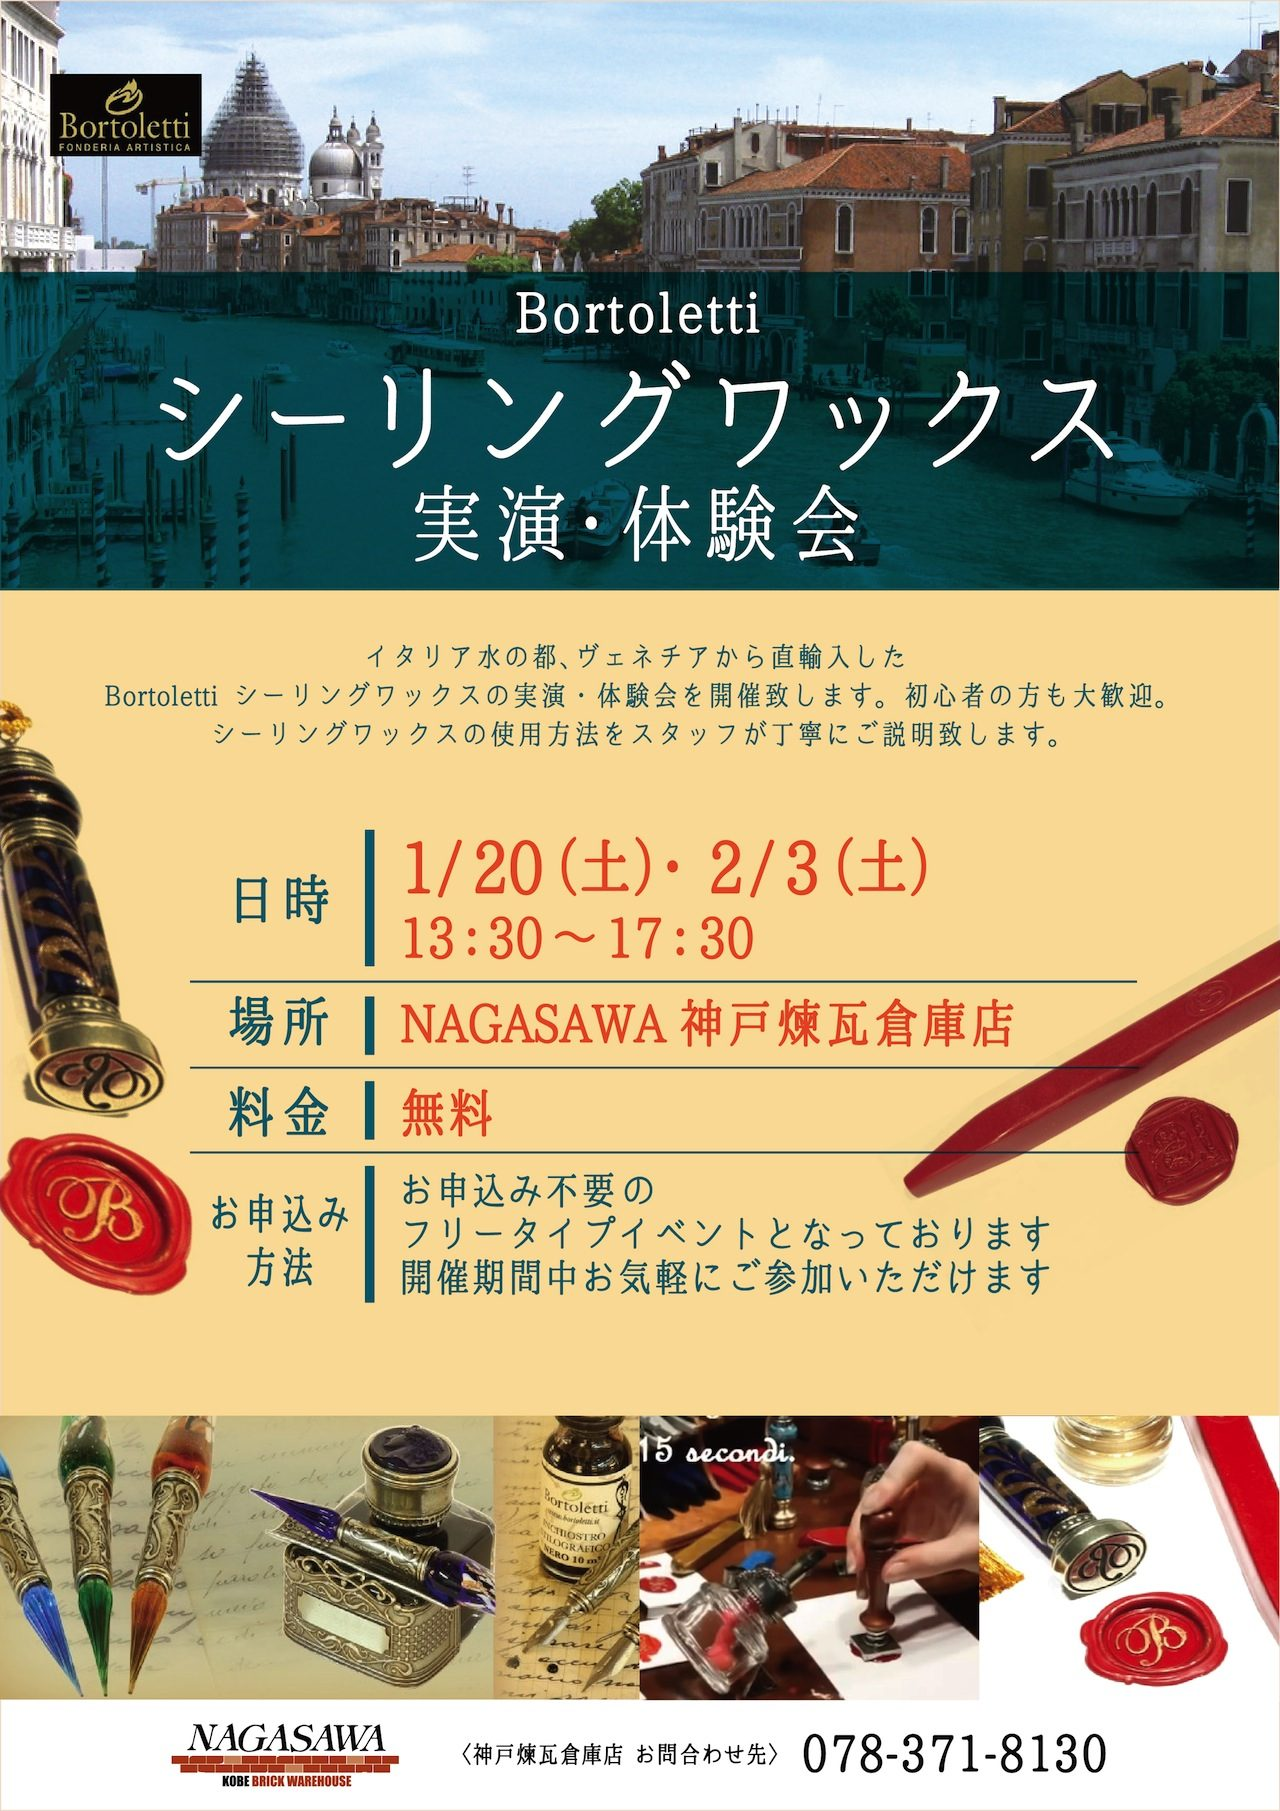 シーリングワックス実演・体験会 | NAGASAWA神戸煉瓦倉庫店